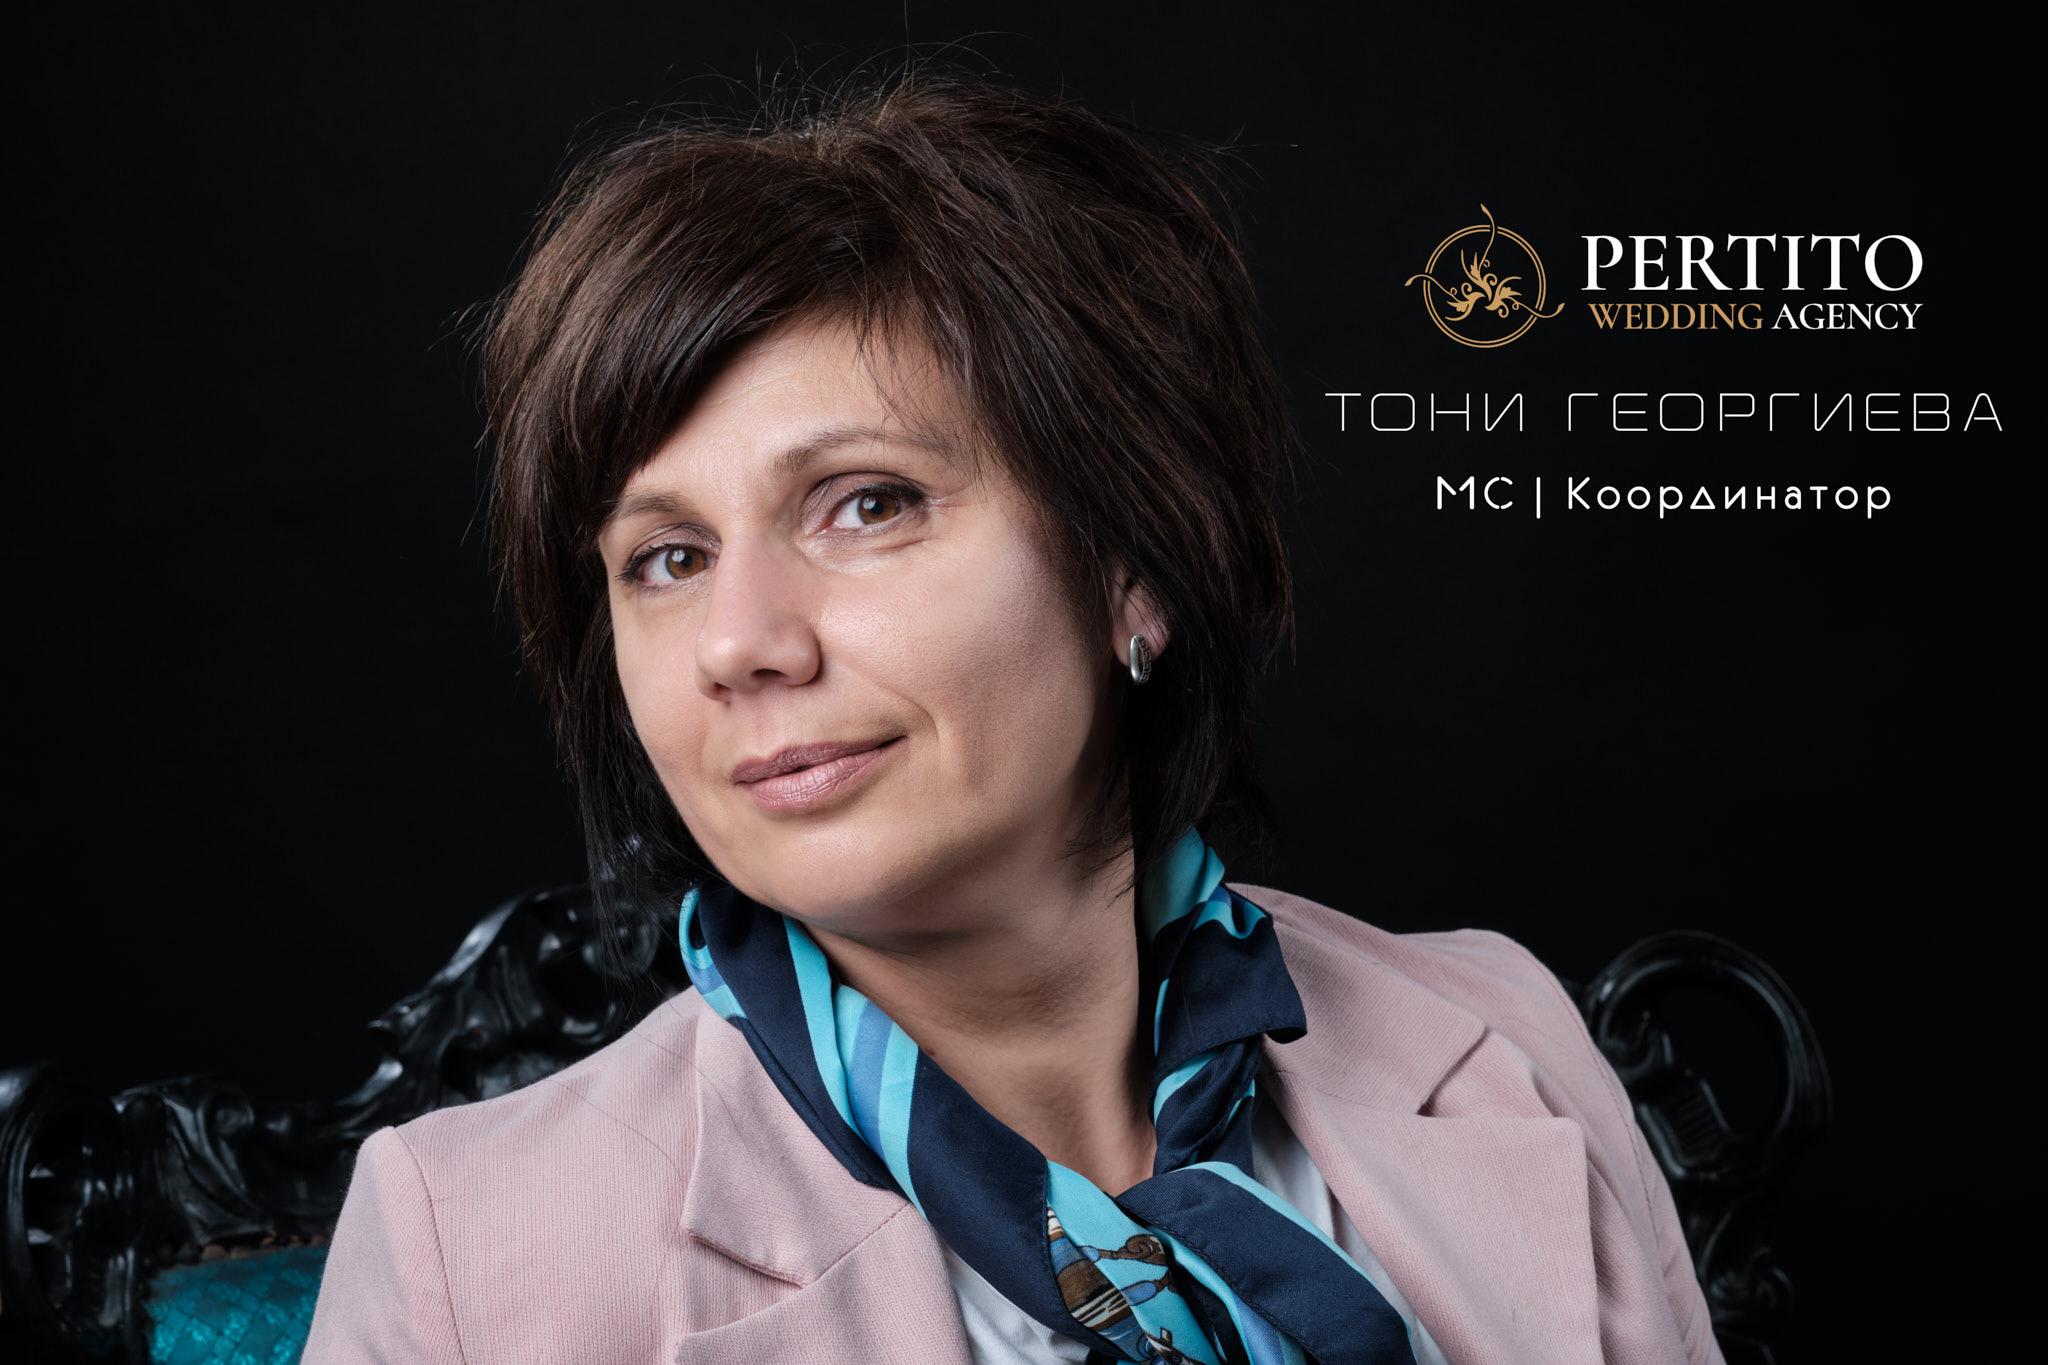 Antoniya Georgieva - Tony - Пертито